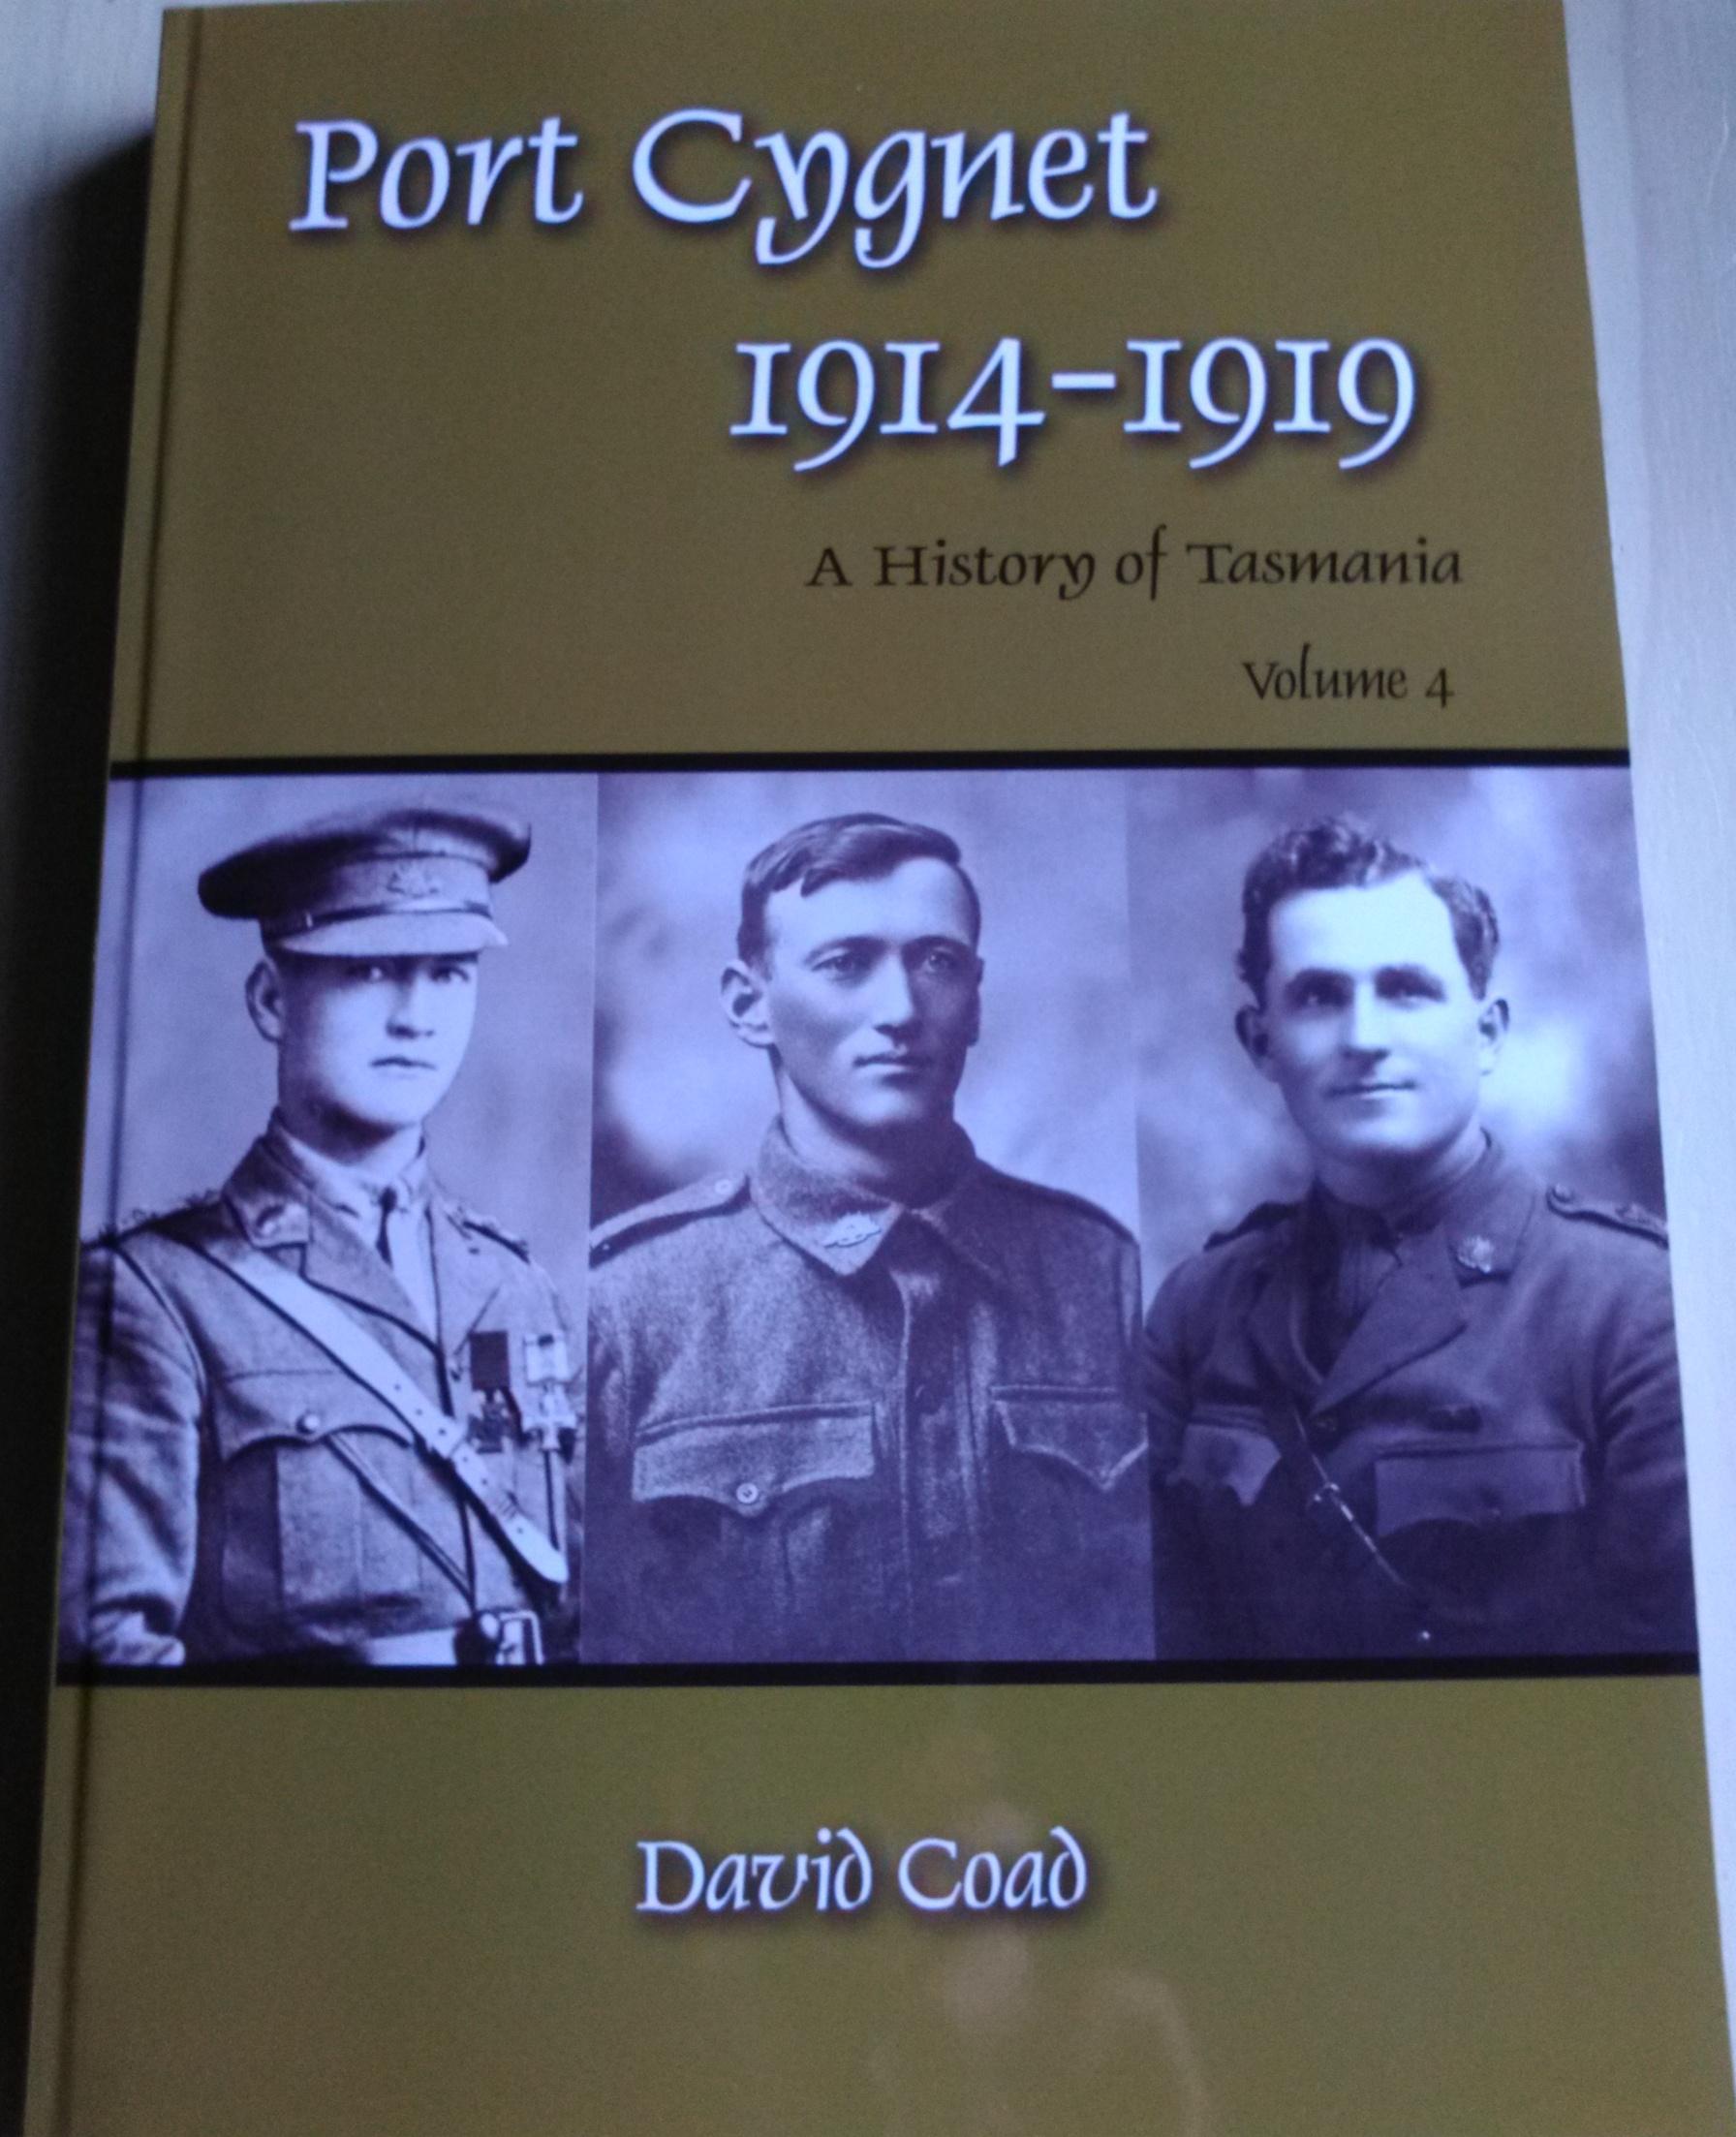 Port Cygnet 1914 - 1919 Volume 4